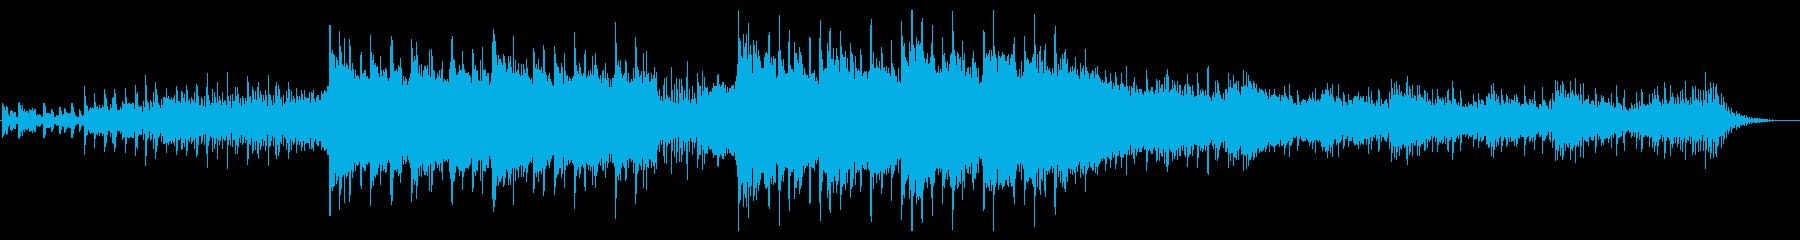 bgm37の再生済みの波形